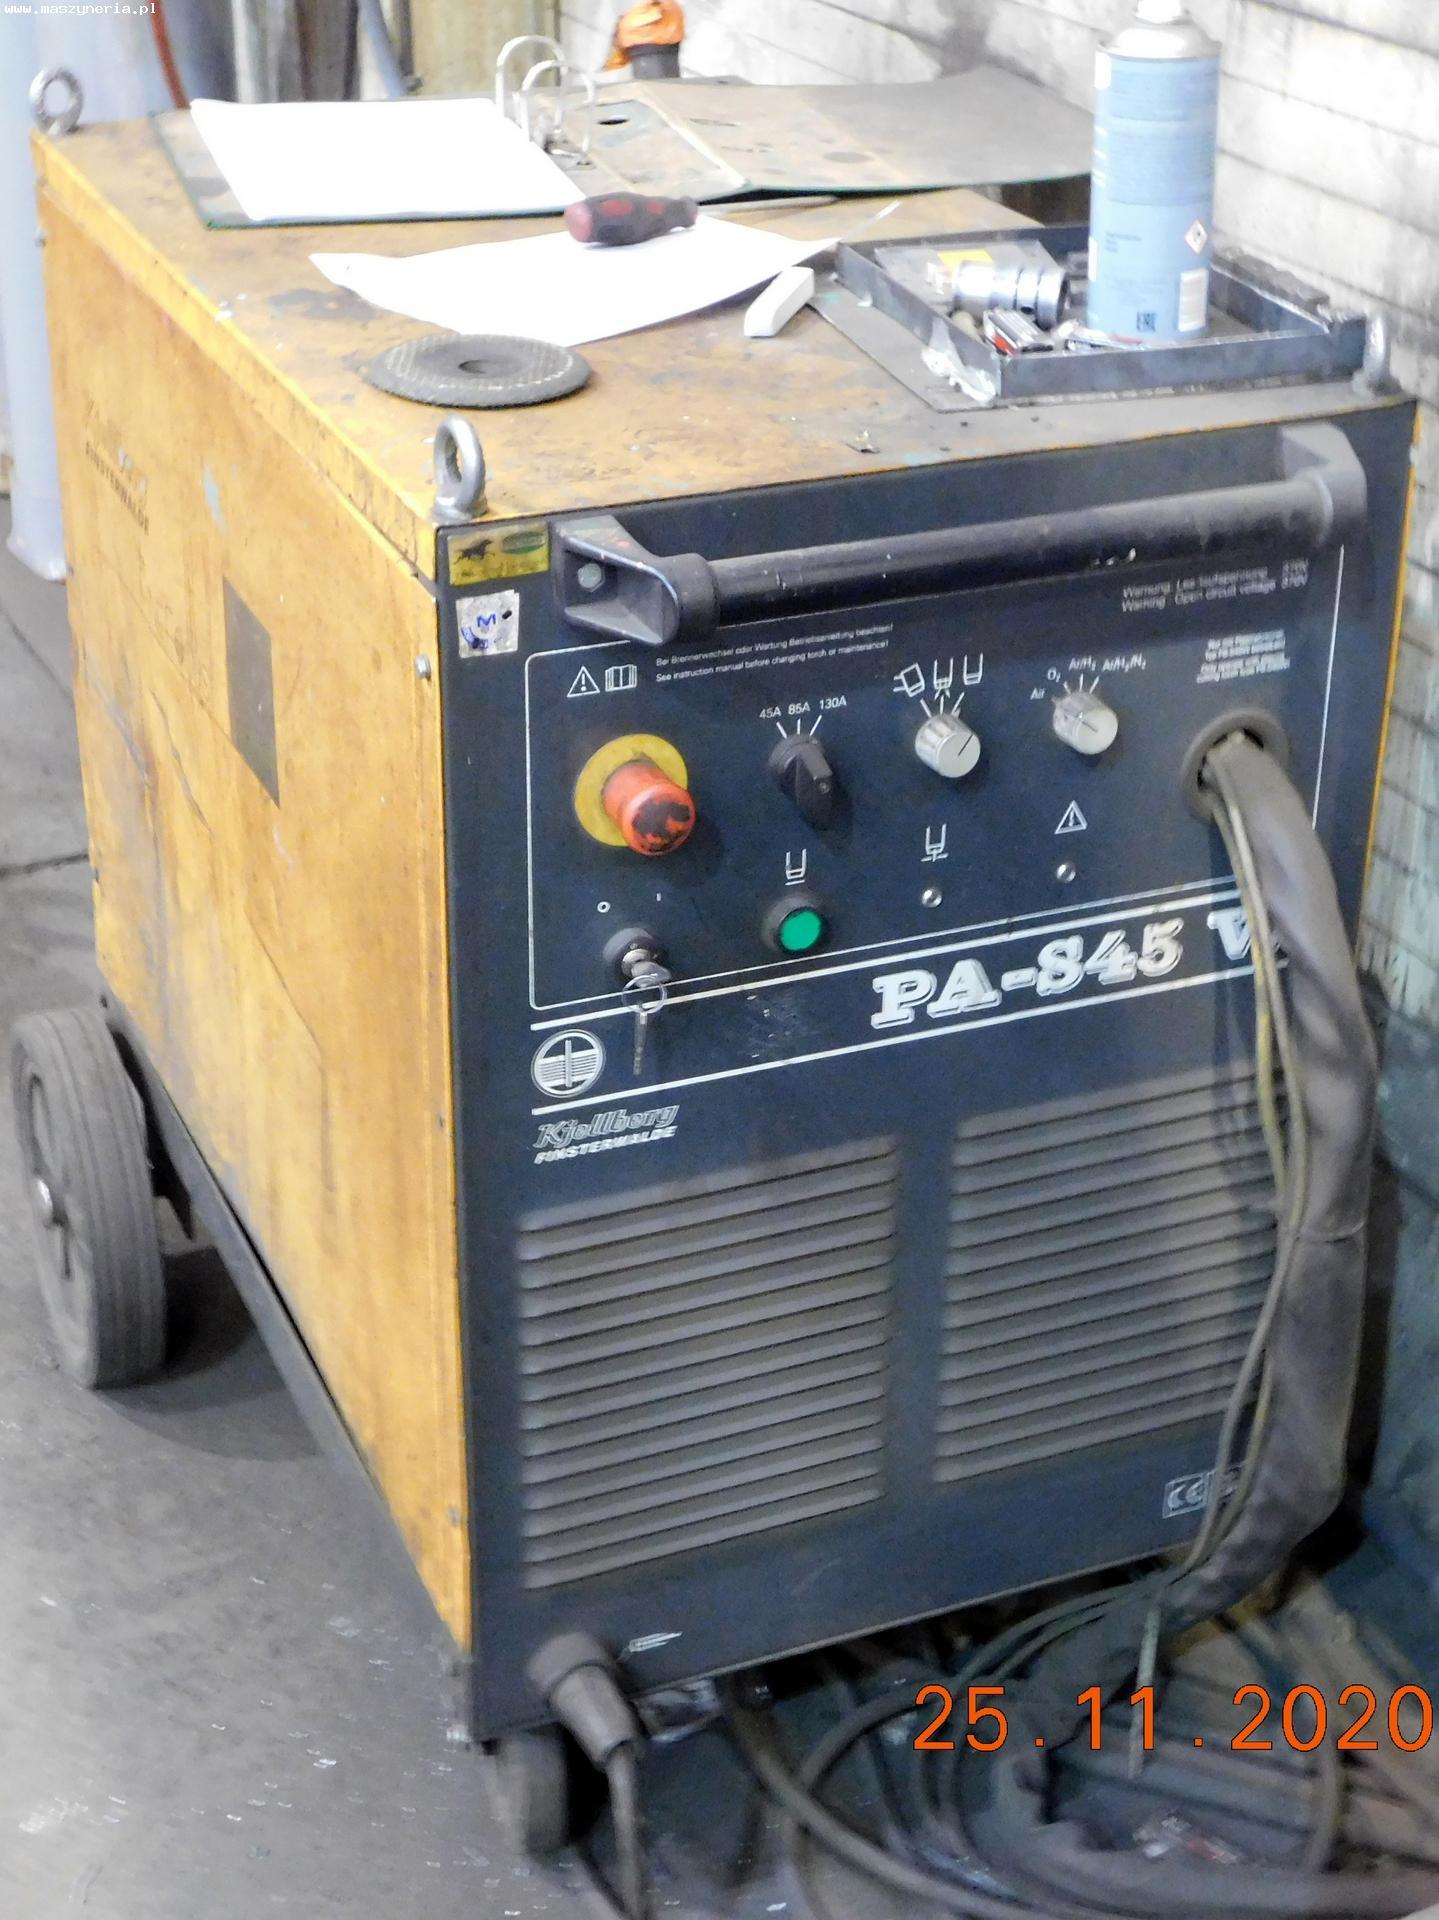 Impianto taglio plasma e ossitaglio ECKERT JANTAR 2 in vendita - foto 7